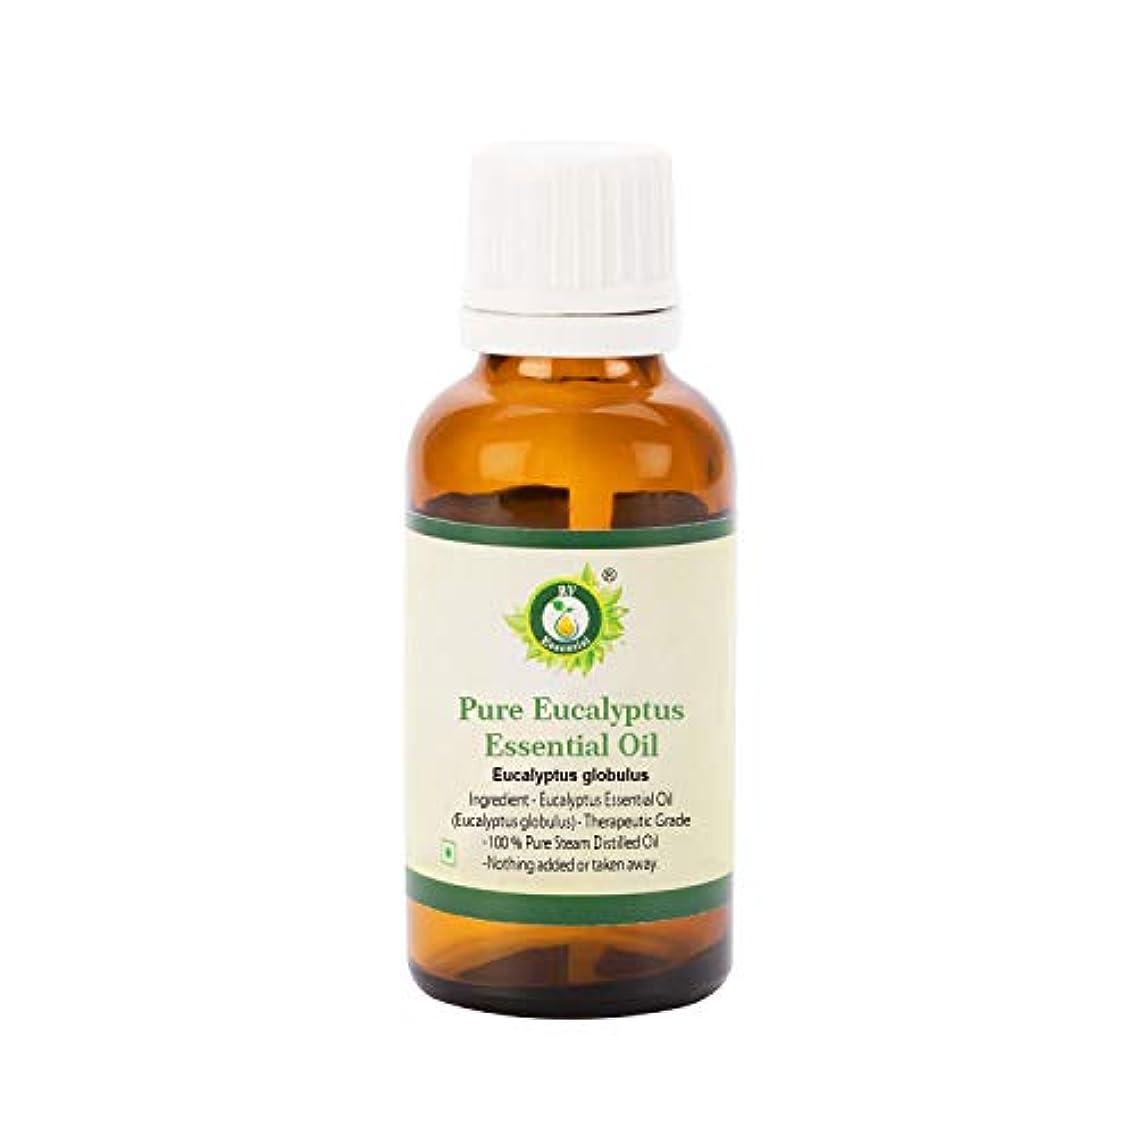 有毒な戸口楽しませるR V Essential ピュアユーカリエッセンシャルオイル100ml (3.38oz)- Eucalyptus globulus (100%純粋&天然スチームDistilled) Pure Eucalyptus Essential...